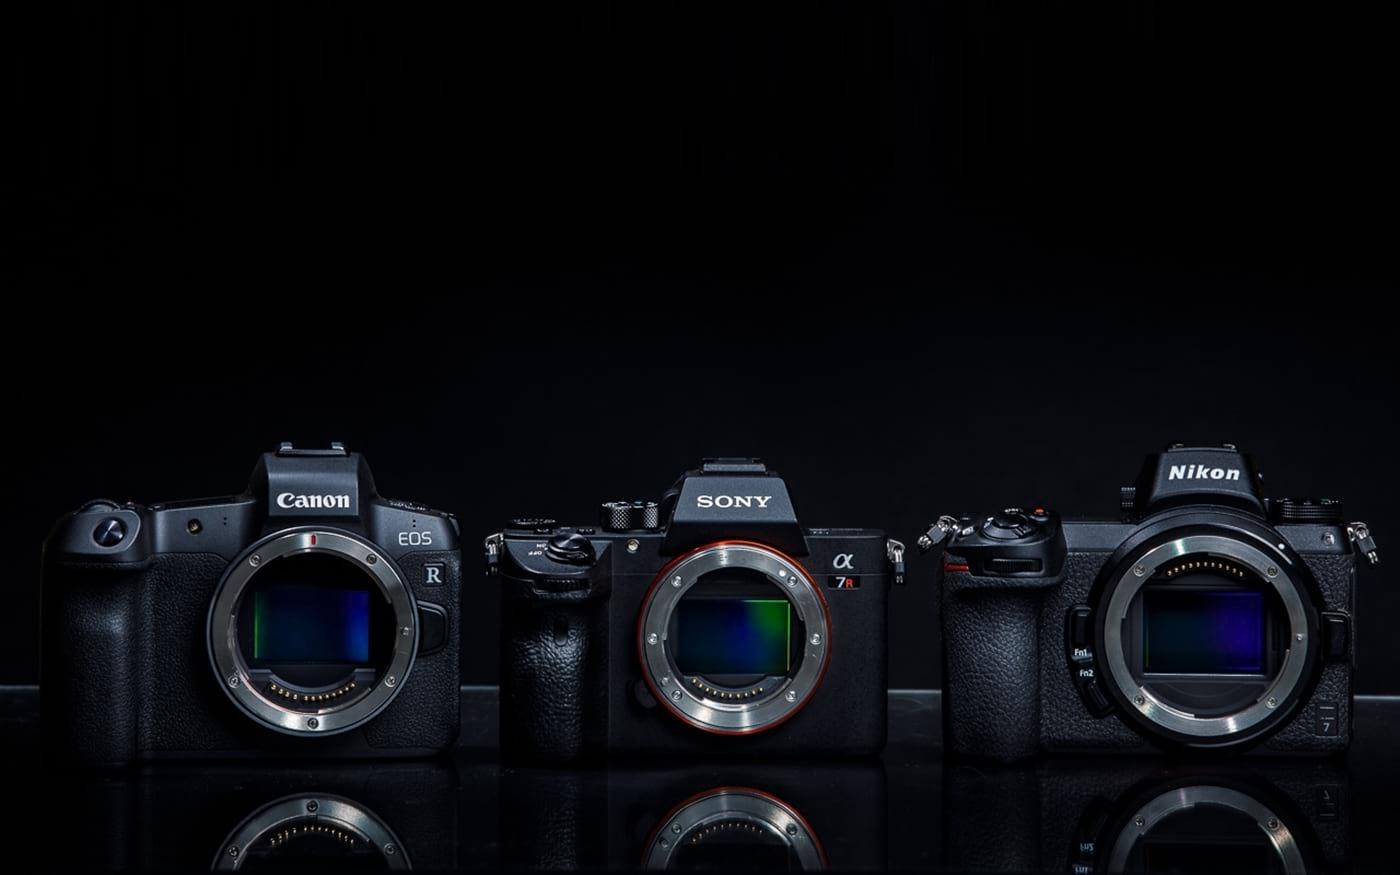 Nikon, Canon ou Sony: Qual a melhor marca de câmeras?